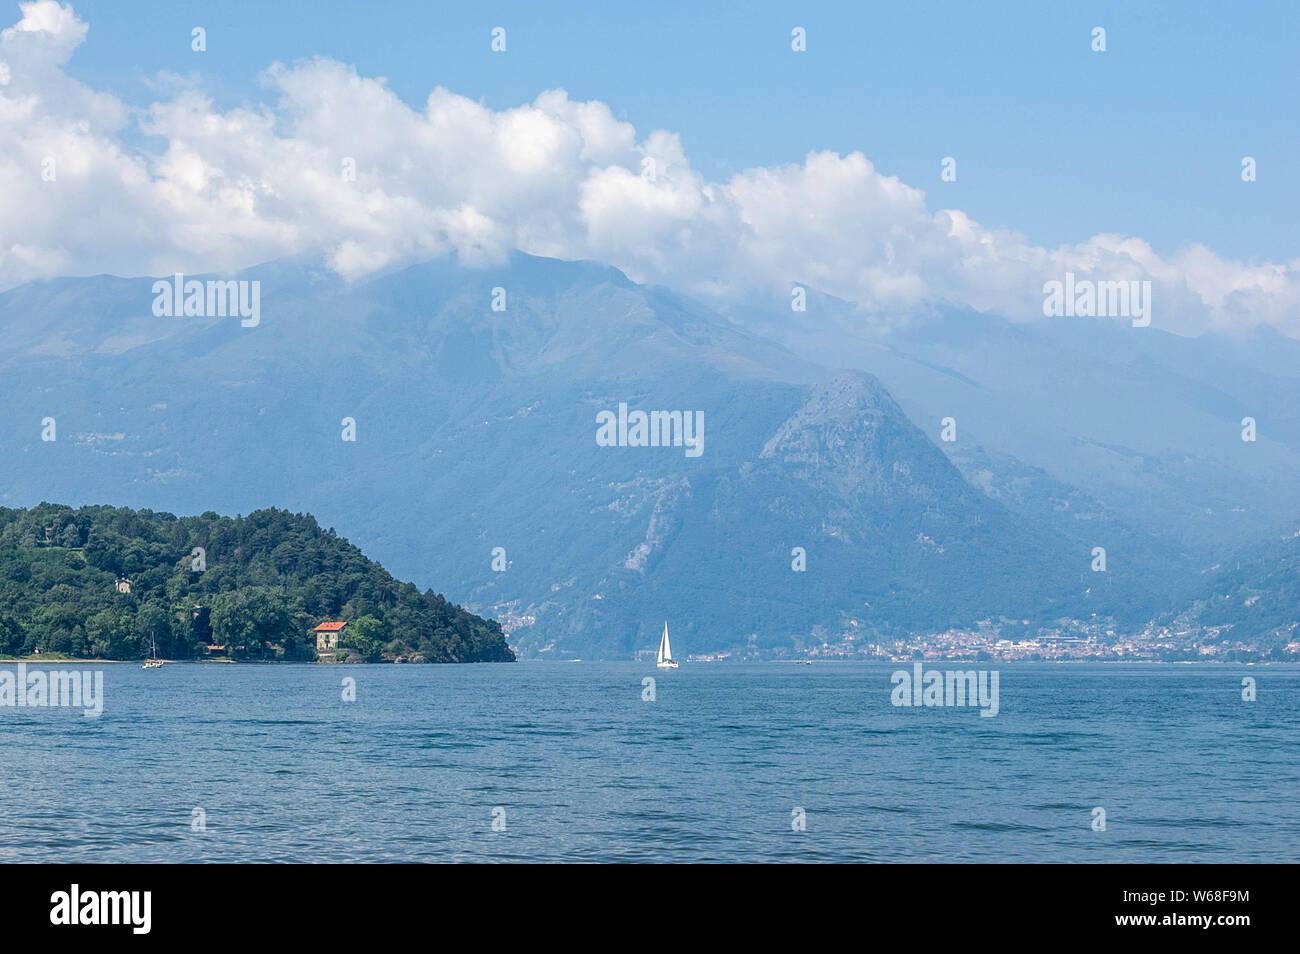 Vista del lago y la montaña pomontory en un día soleado de verano. Distrito del Lago de Como, Colico, Italia, Europa. Foto de stock